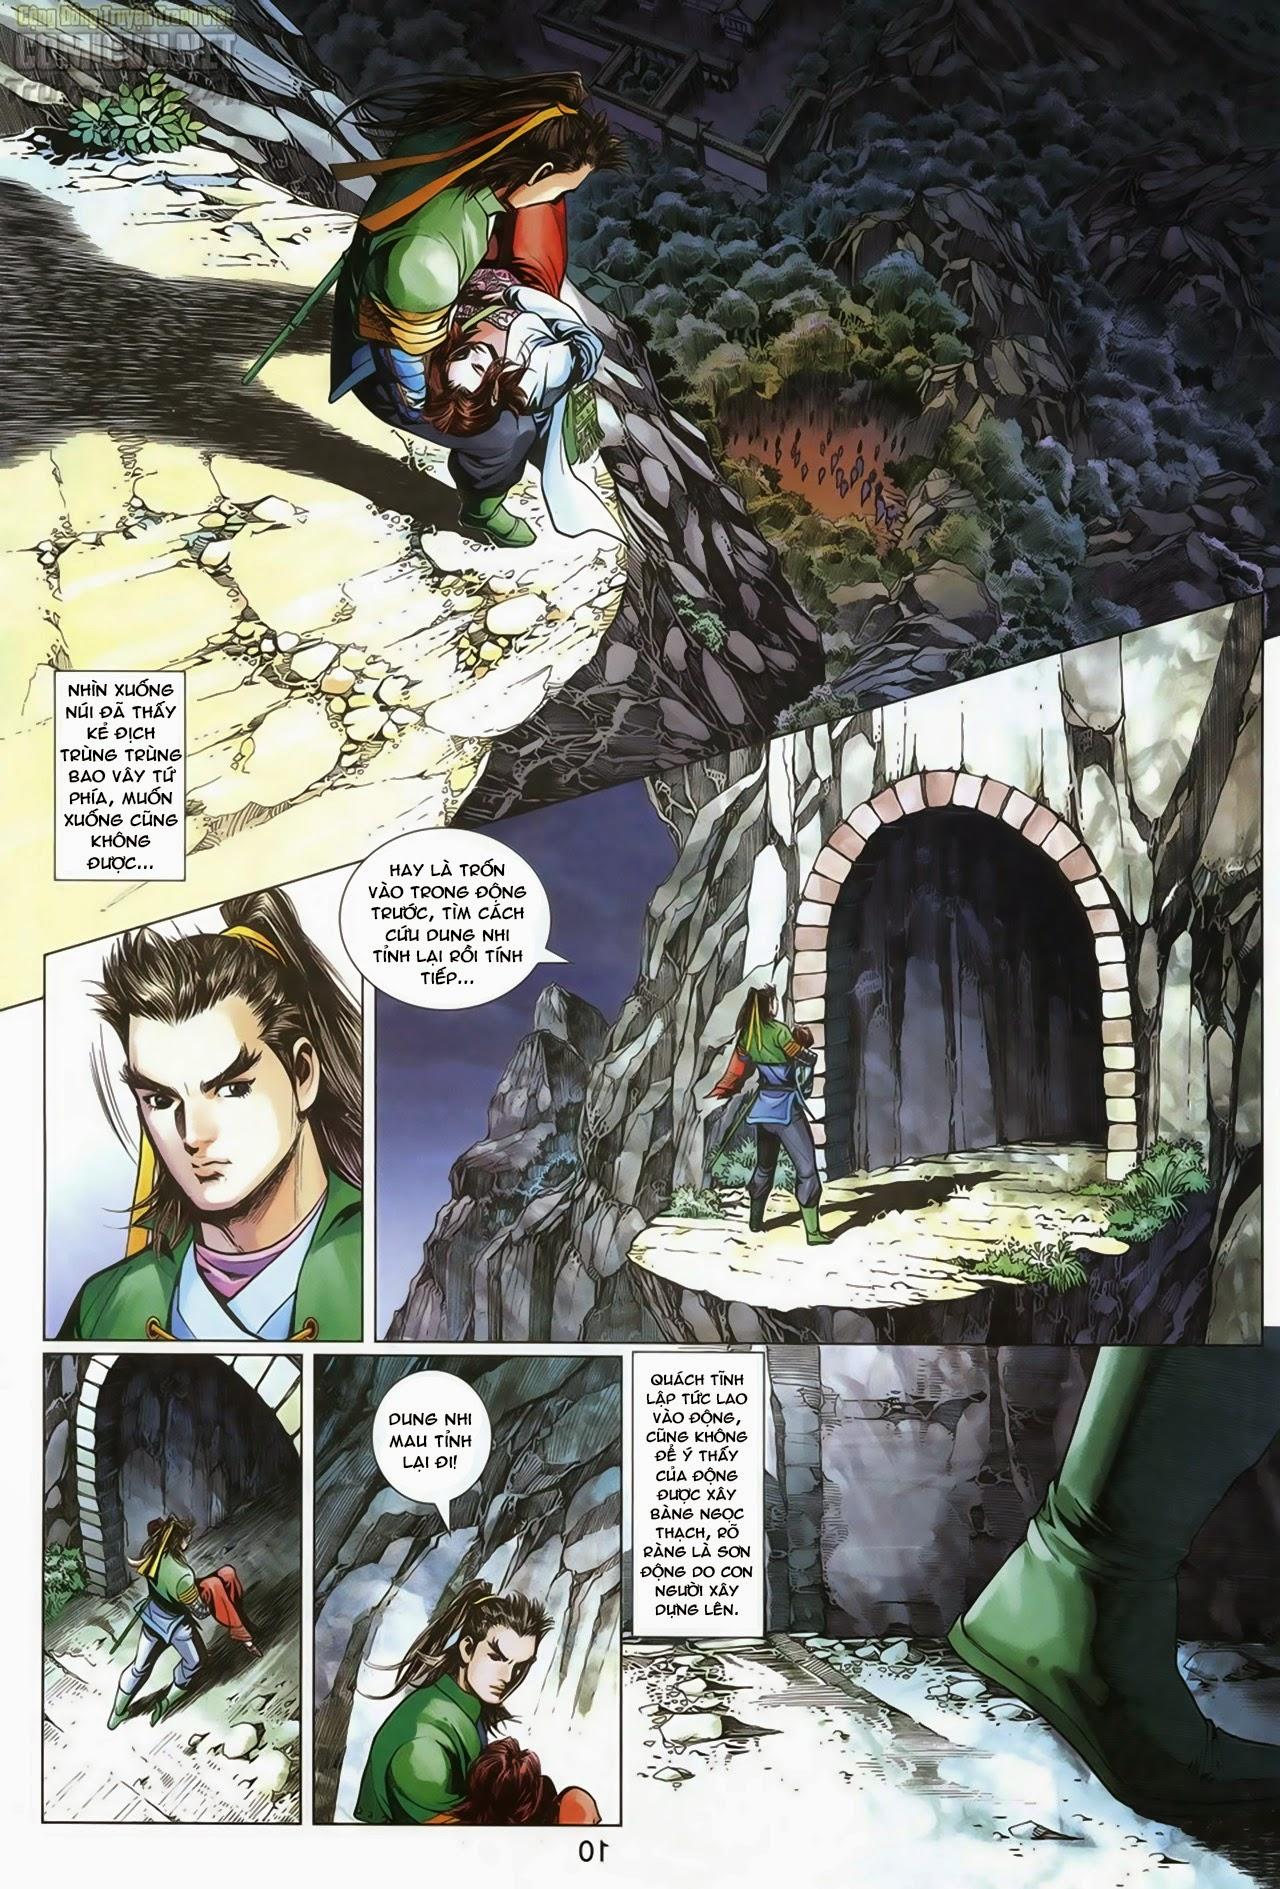 Anh Hùng Xạ Điêu anh hùng xạ đêu chap 69: hồn đoạn thiết chưởng phong trang 11